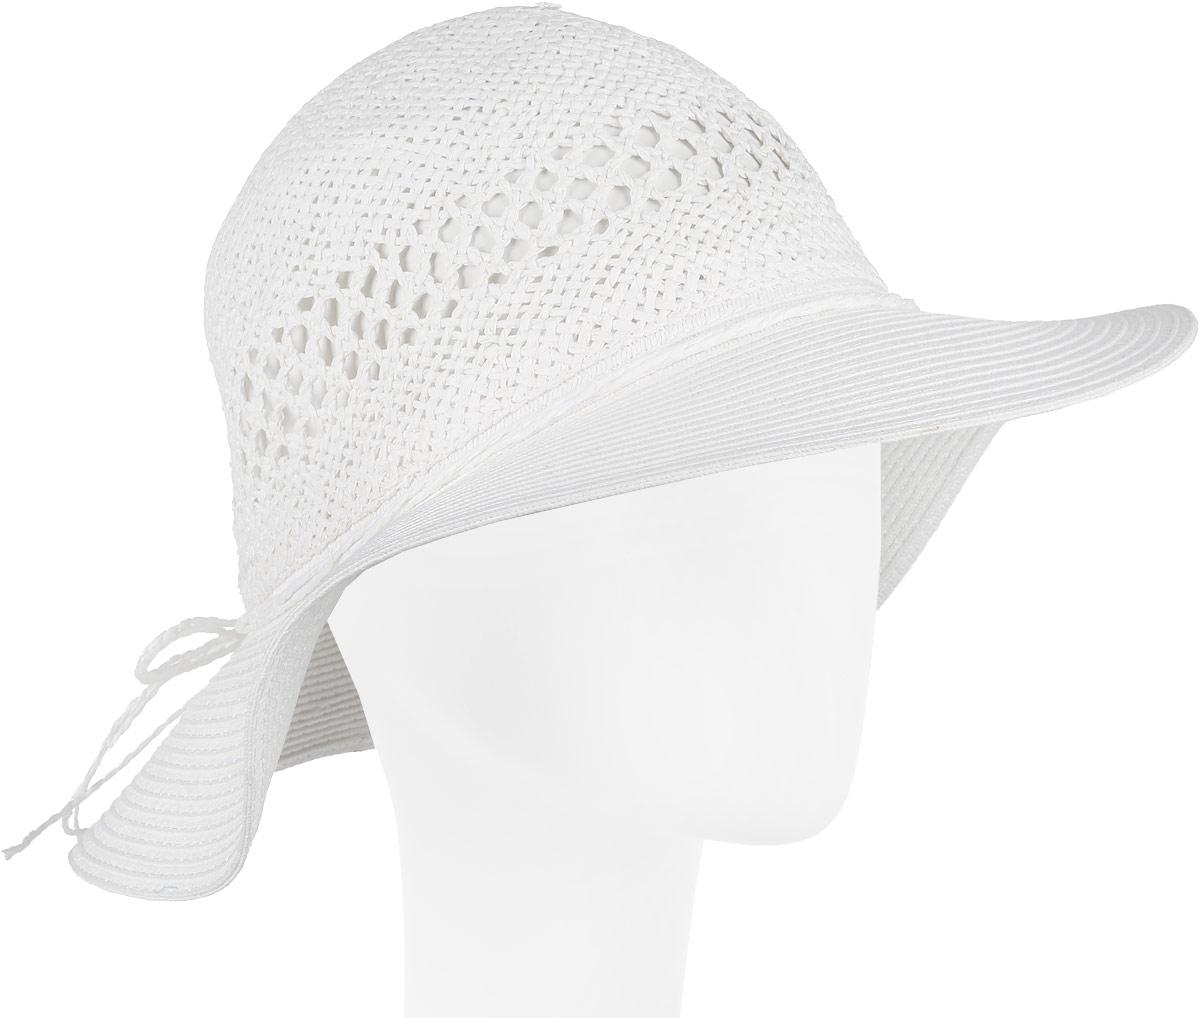 Шляпа женская Fabretti, цвет: белый. GL42-4. Размер универсальныйGL42-4 WHITEСтильная шляпа от Fabretti для пляжного отдыха и прогулок в солнечные дни.